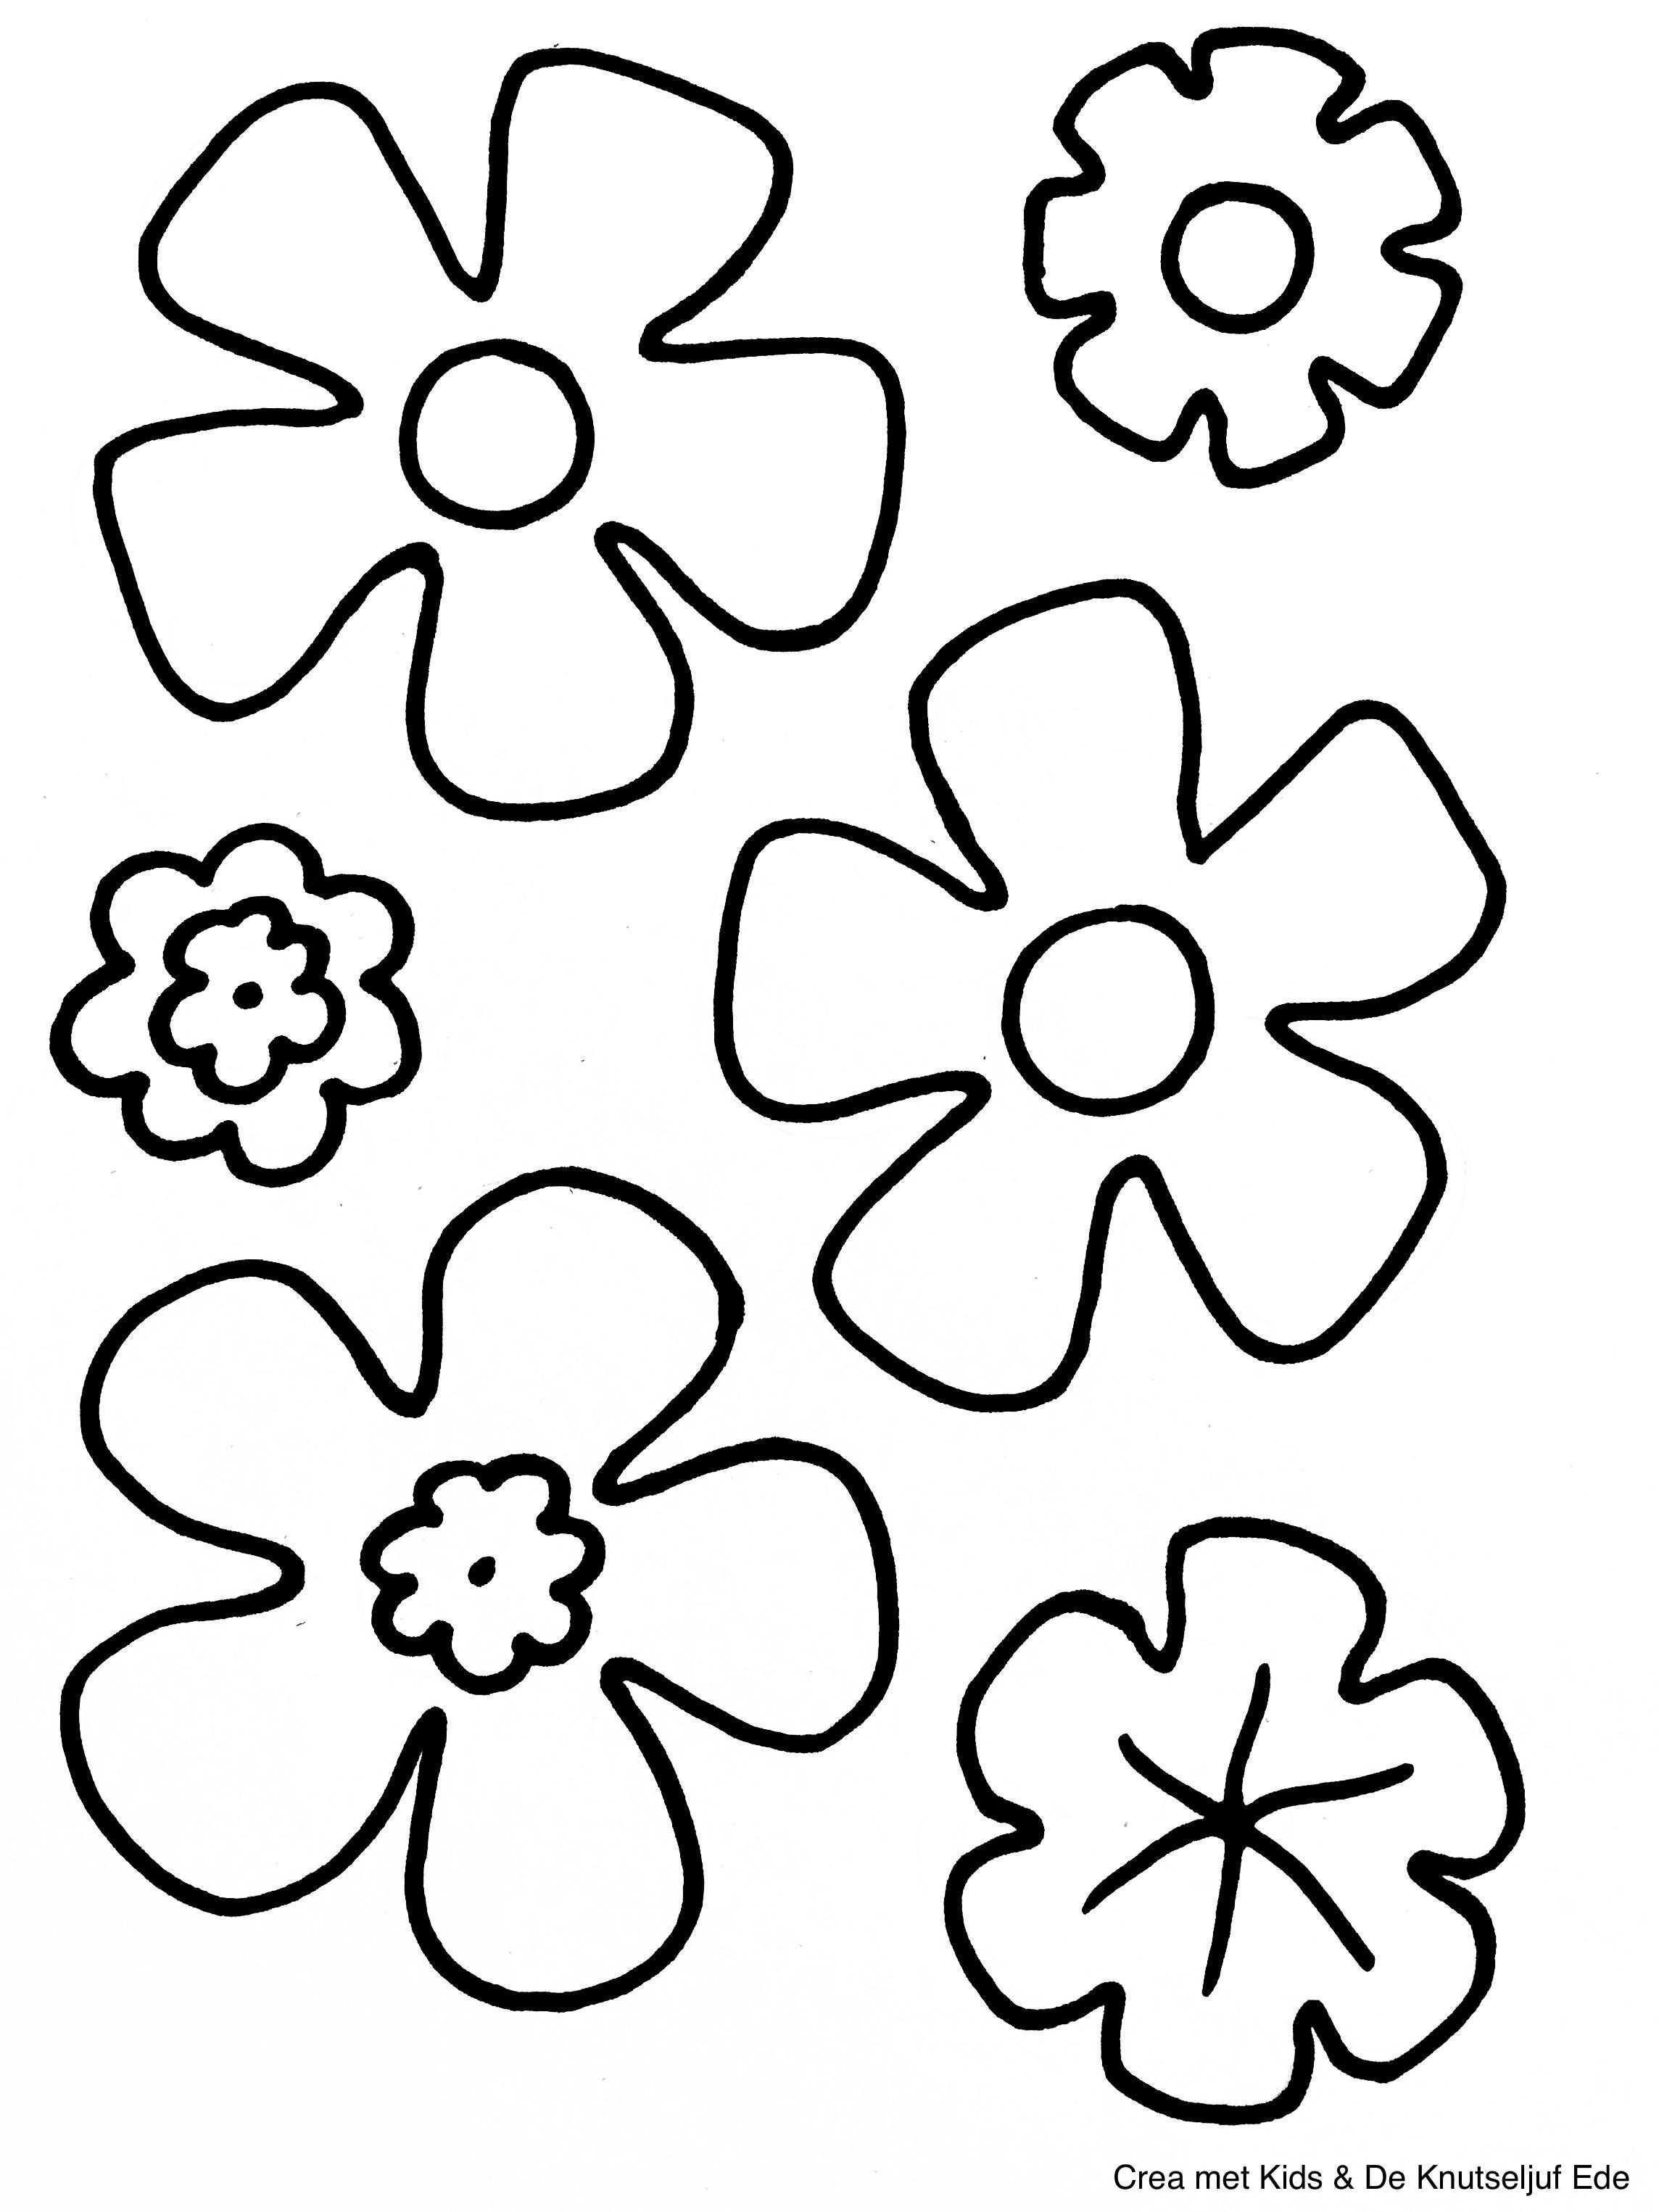 Kleurplaten Bloemen Bloemen Knutselen Kleurplaat Kleurplaten De Knutseljuf Ede Bloem Kleurplaten Bloemensjabloon Kleurplaten